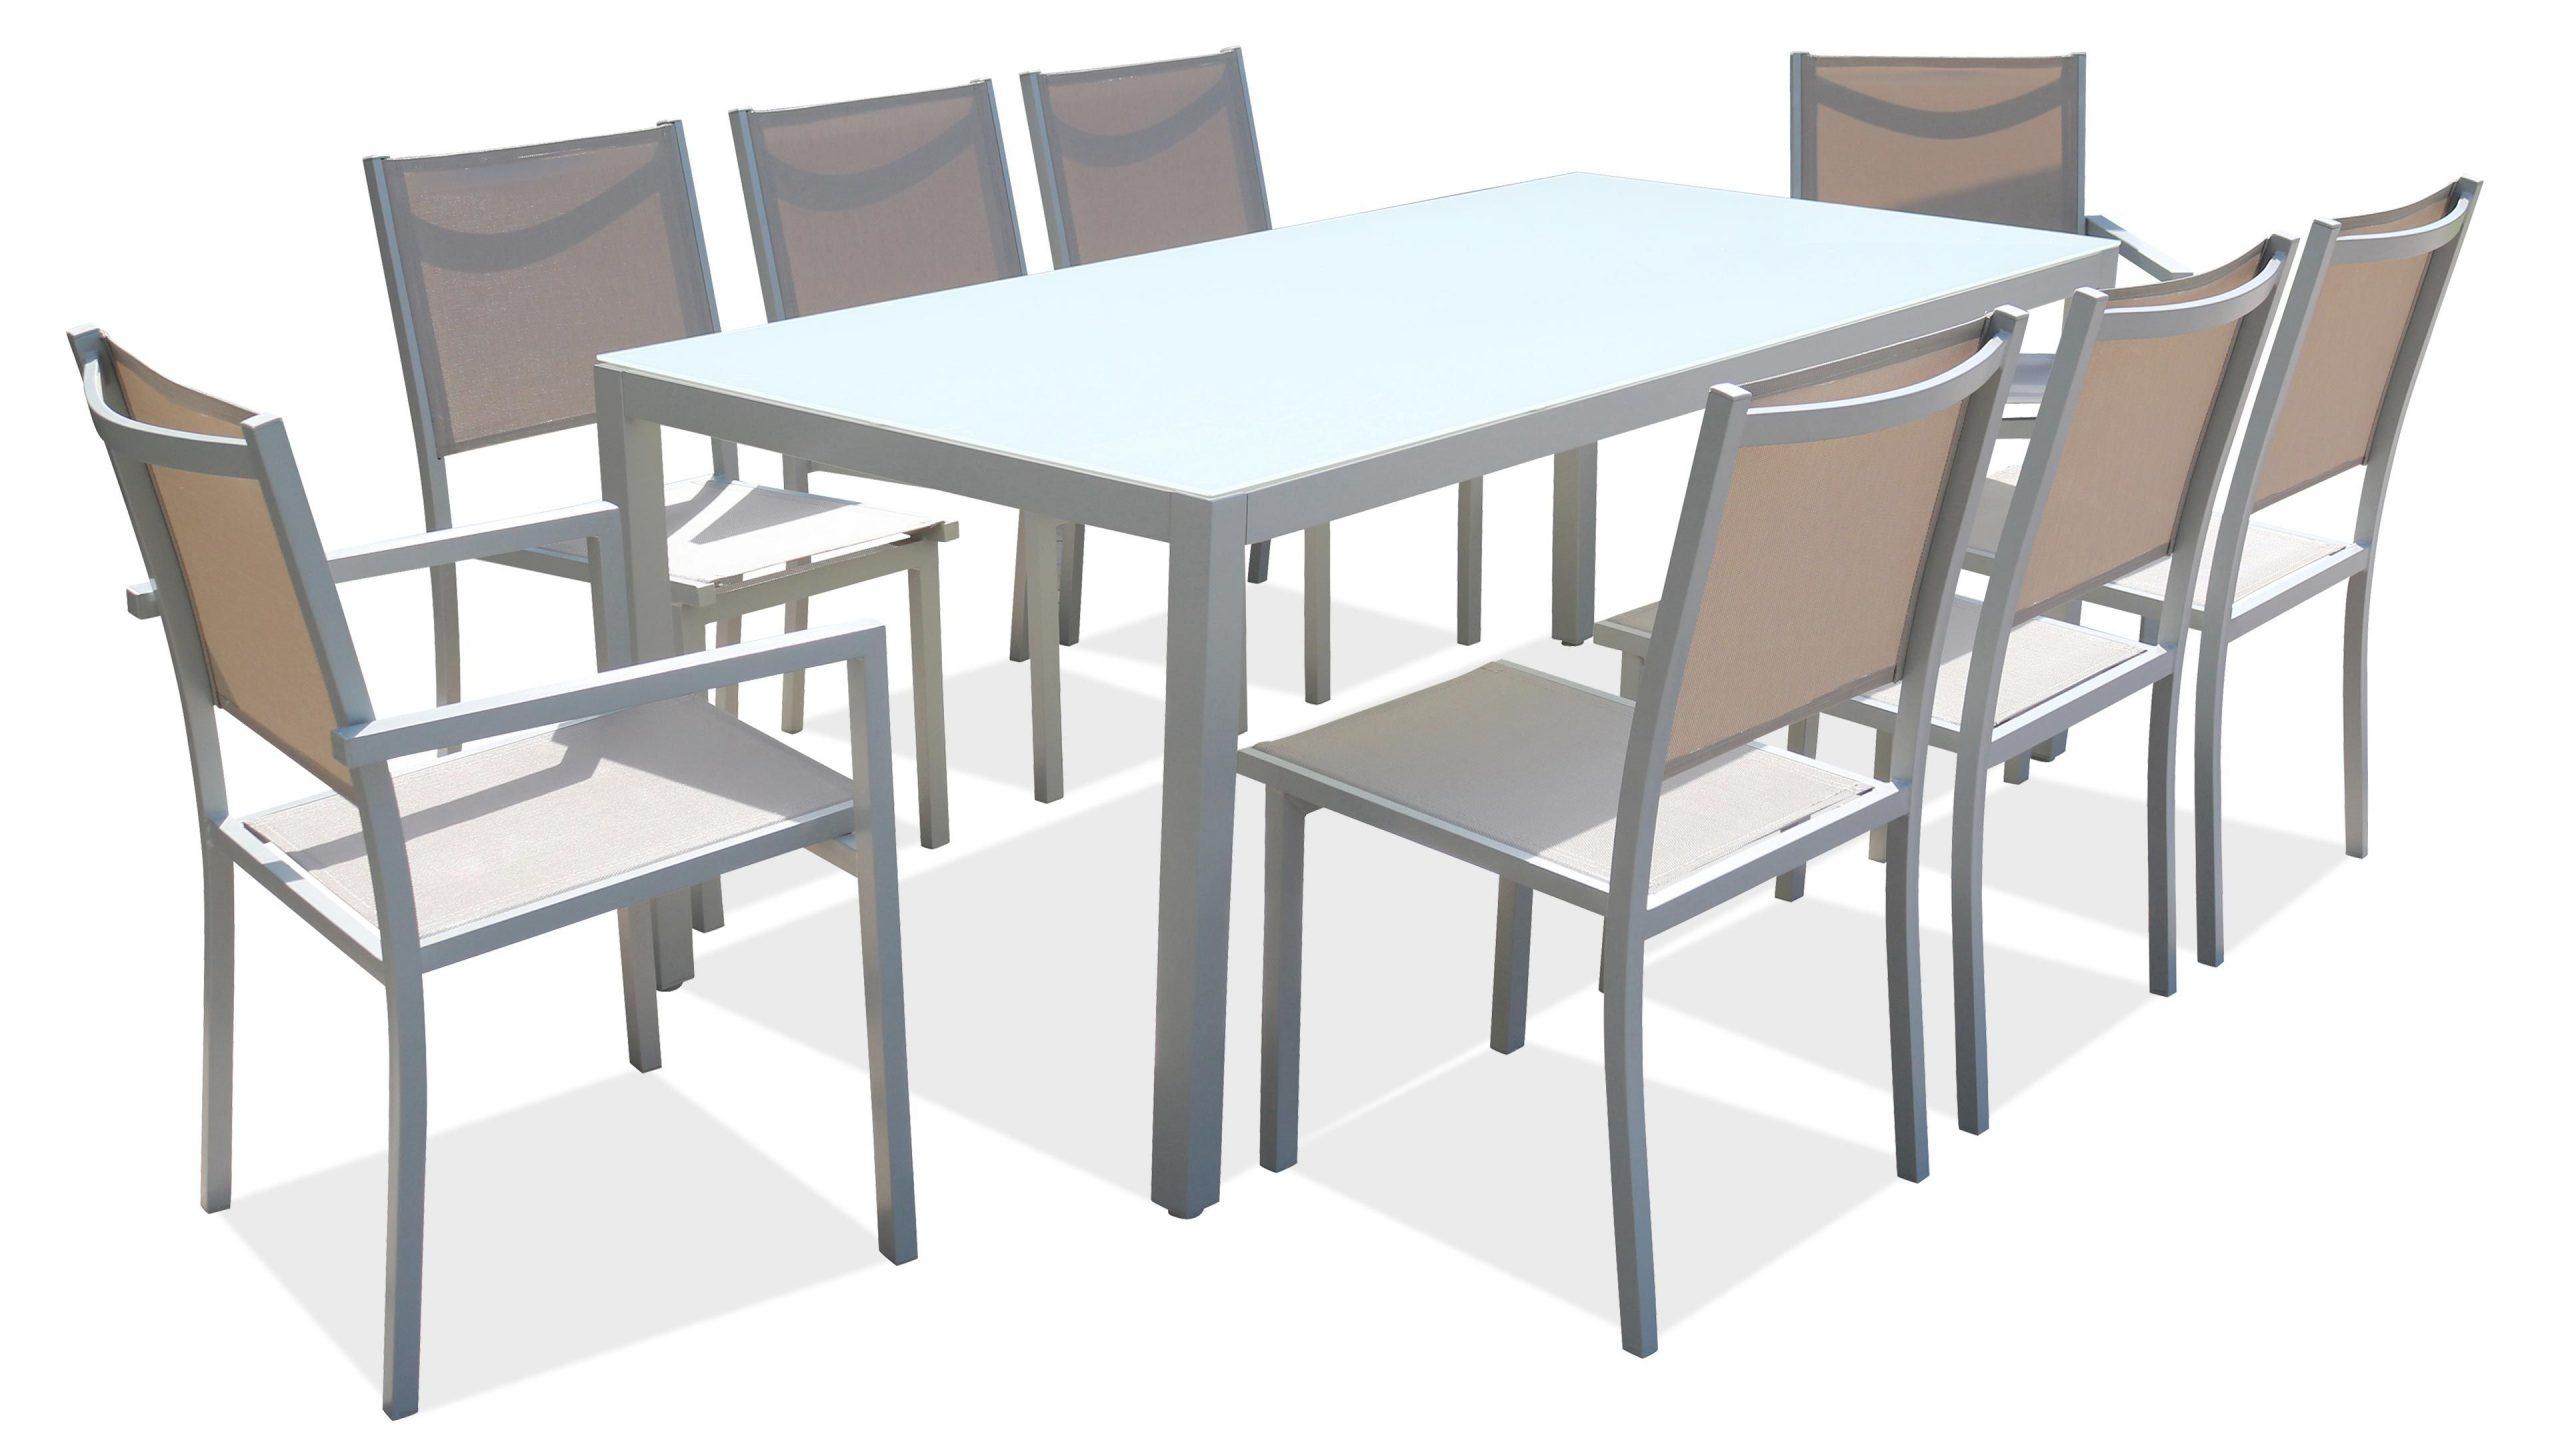 Salon De Jardin Aluminium Table De Jardin 8 Places avec Table Et Chaise De Jardin En Aluminium